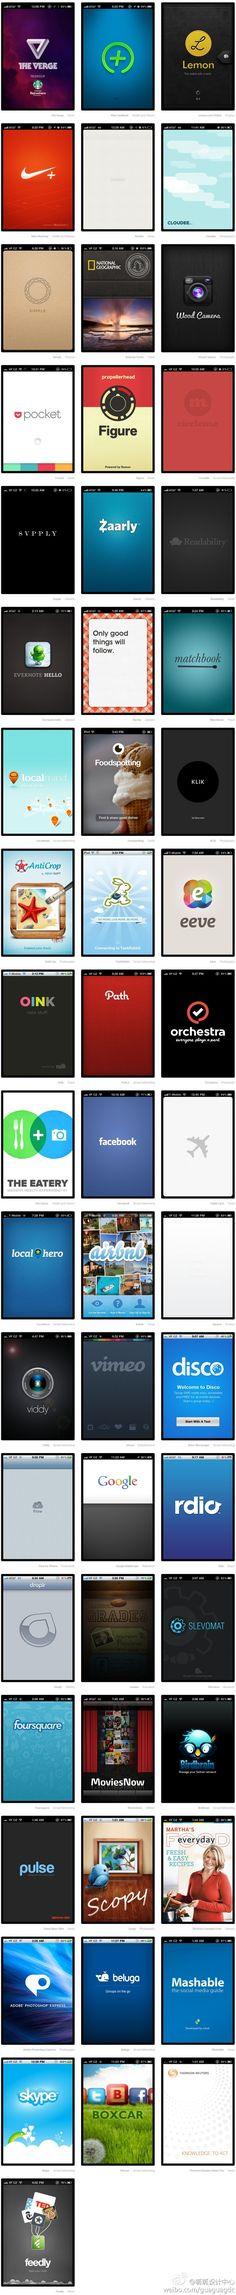 25 exemples de splash screen pour des applications mobiles - interactions-mobile